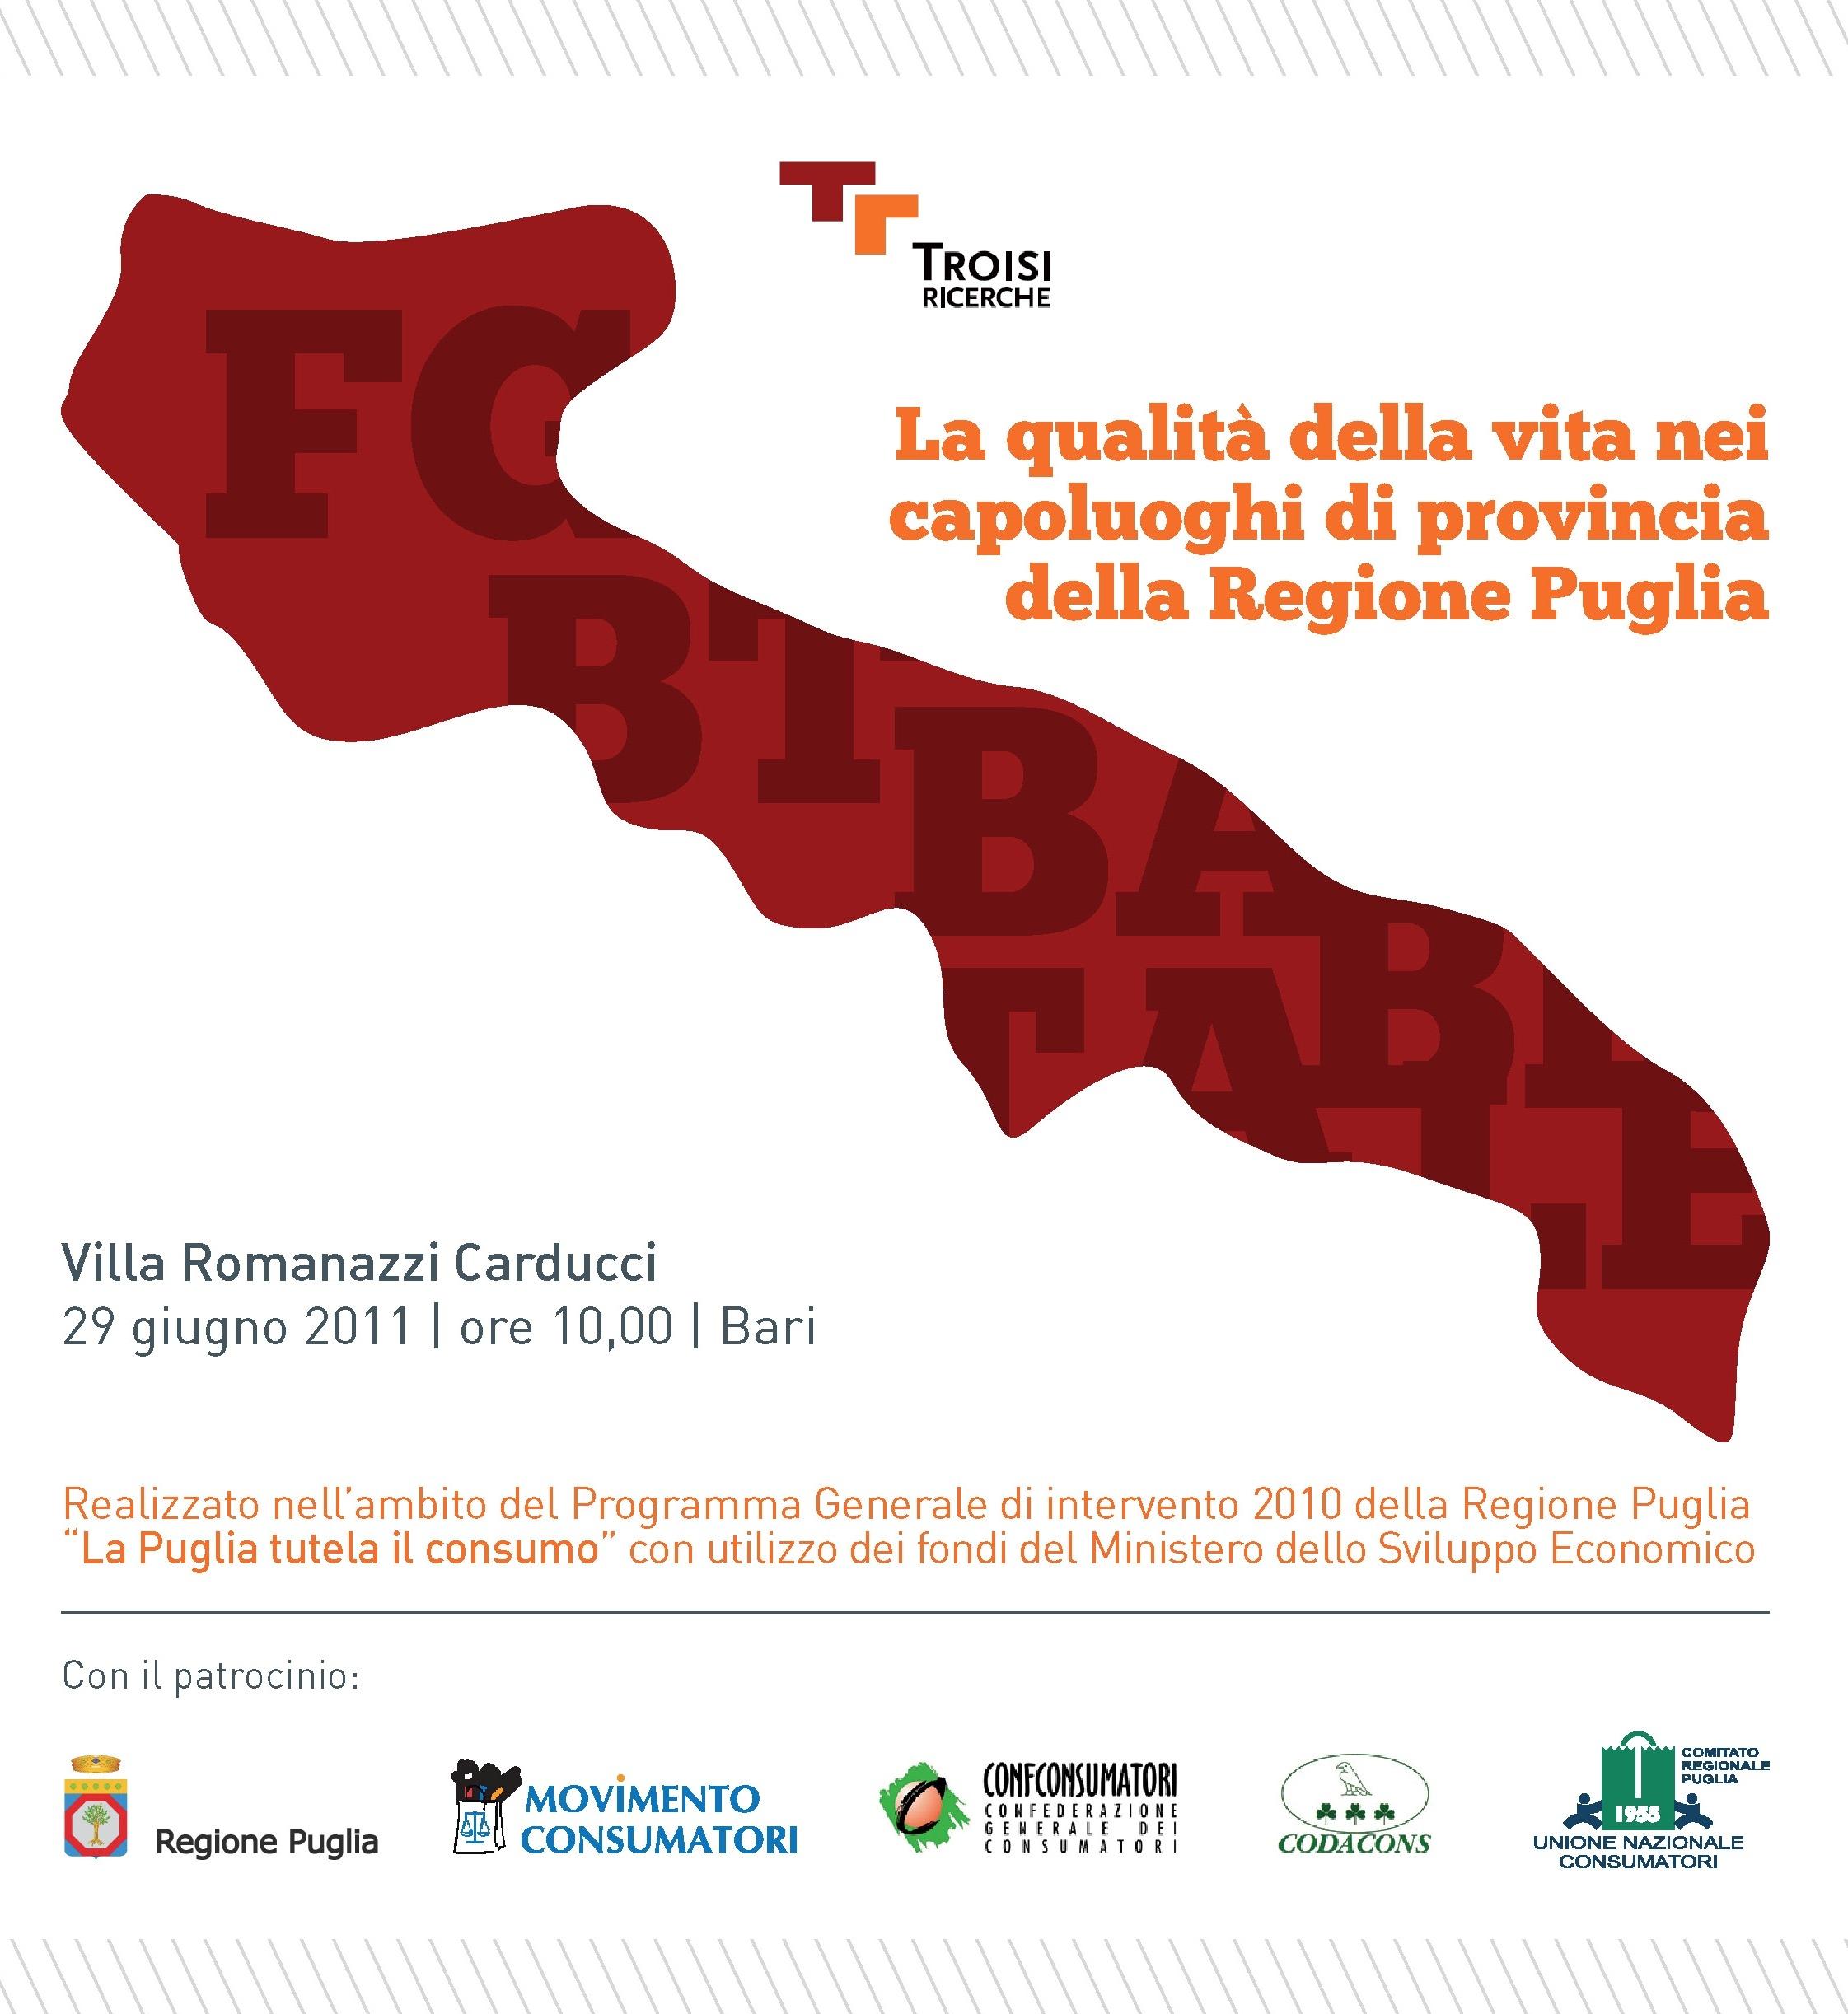 immagine da stamapare e mettere all'ingresso di Villa Romanazzi Carducci